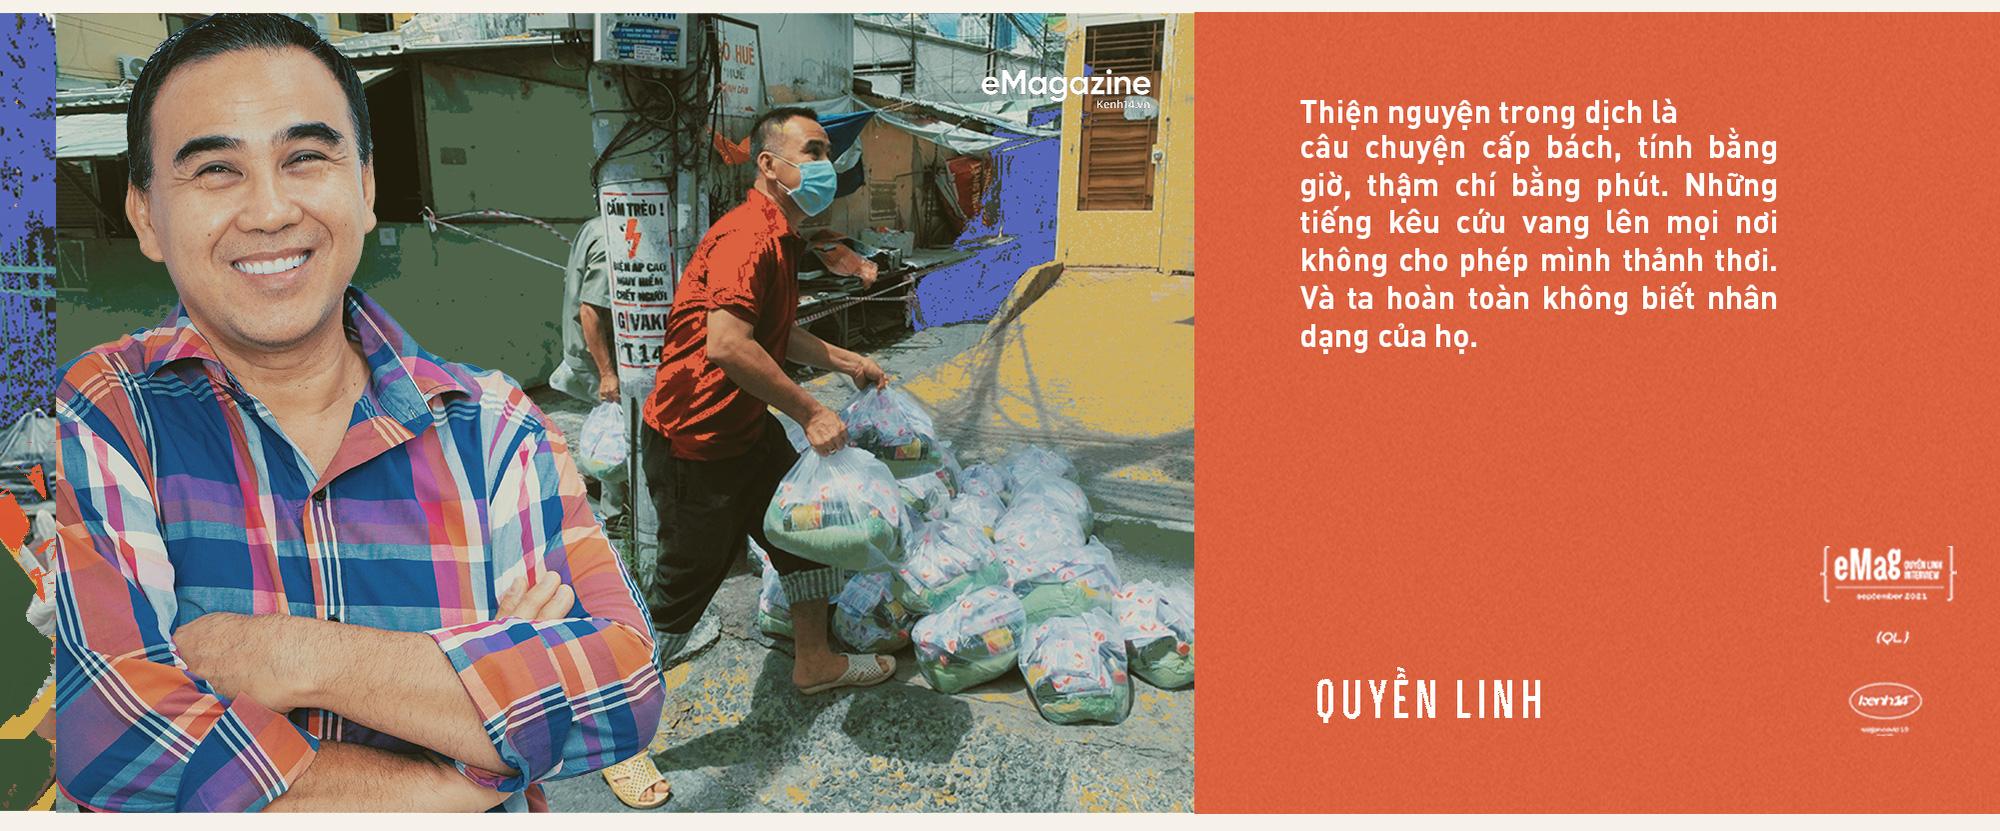 Quyền Linh: Đã nỗ lực vì bao mảnh đời ở miền Bắc, dầm mình trong mưa lũ miền Trung, sao có thể đứng ngoài nỗi đau của Sài Gòn - mảnh đất cho mình tất cả - Ảnh 2.